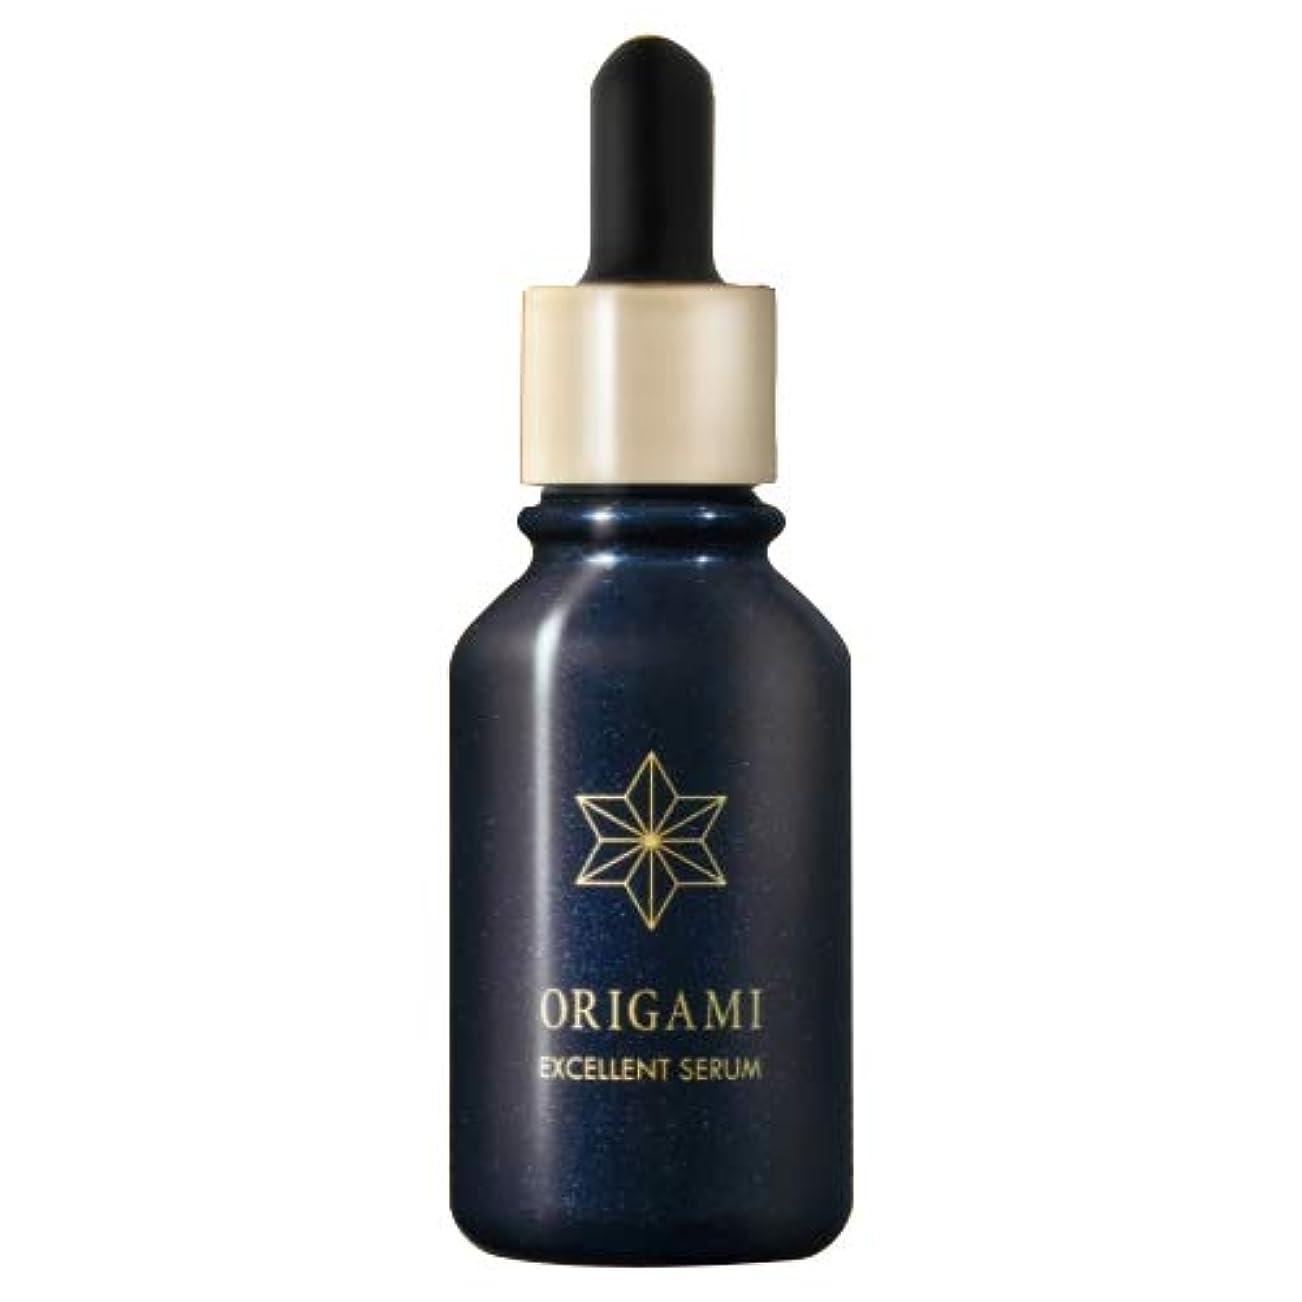 ソケット収まる内訳ORIGAMI エクセレントセラム 保湿美容液 40ml ヒト幹細胞培養液配合